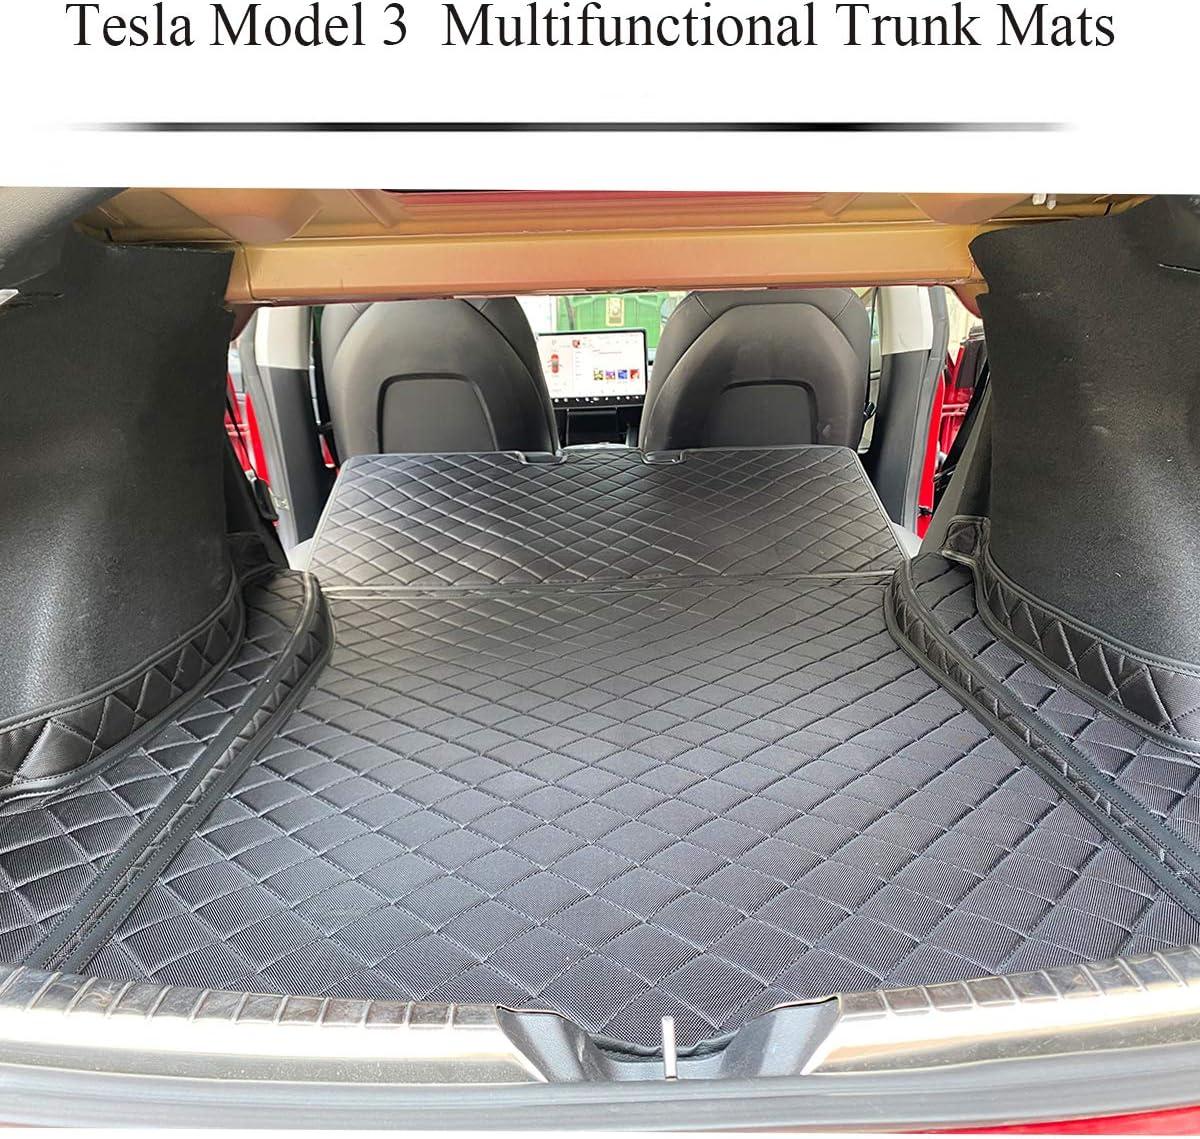 Topfit Tesla Model 3 Kofferraummatten Kofferraum Haustier Matten Wasserdichte Rutschfeste Schutzlehne Rückenlehnenmatten Mit Oxford Material Für Tesla Model 3 Zubehör Auto